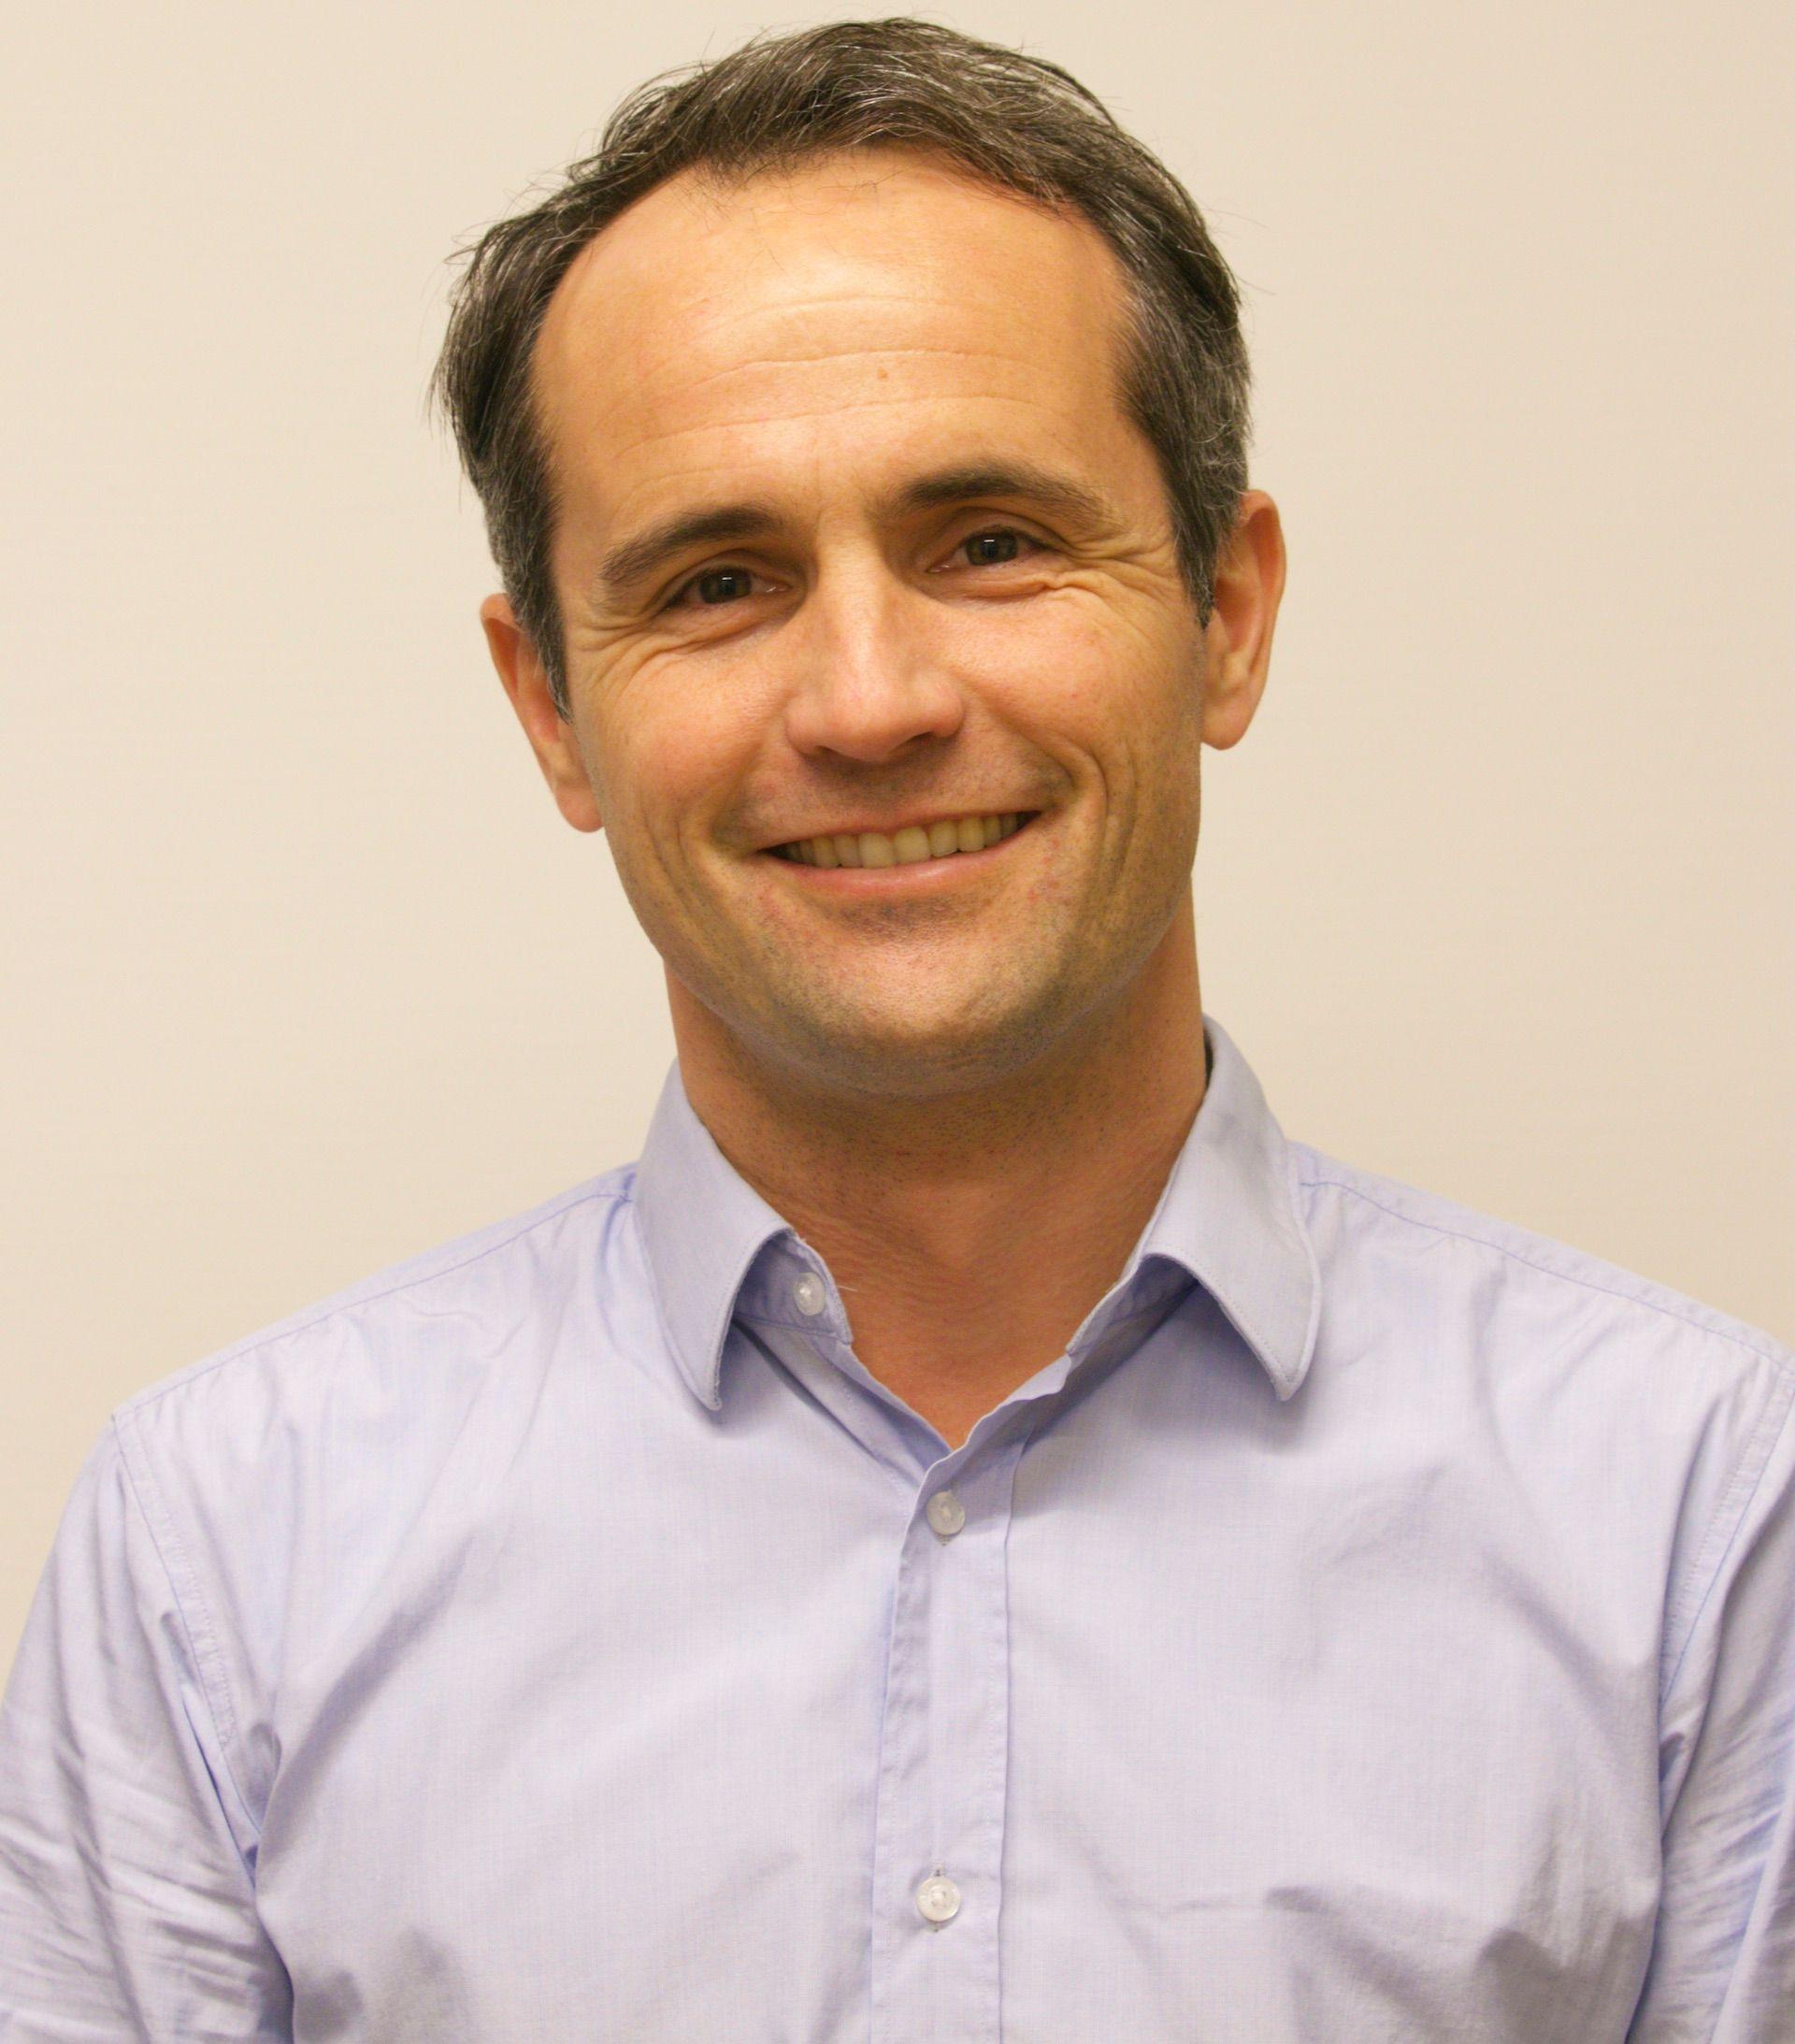 Portret van Gijs Padt